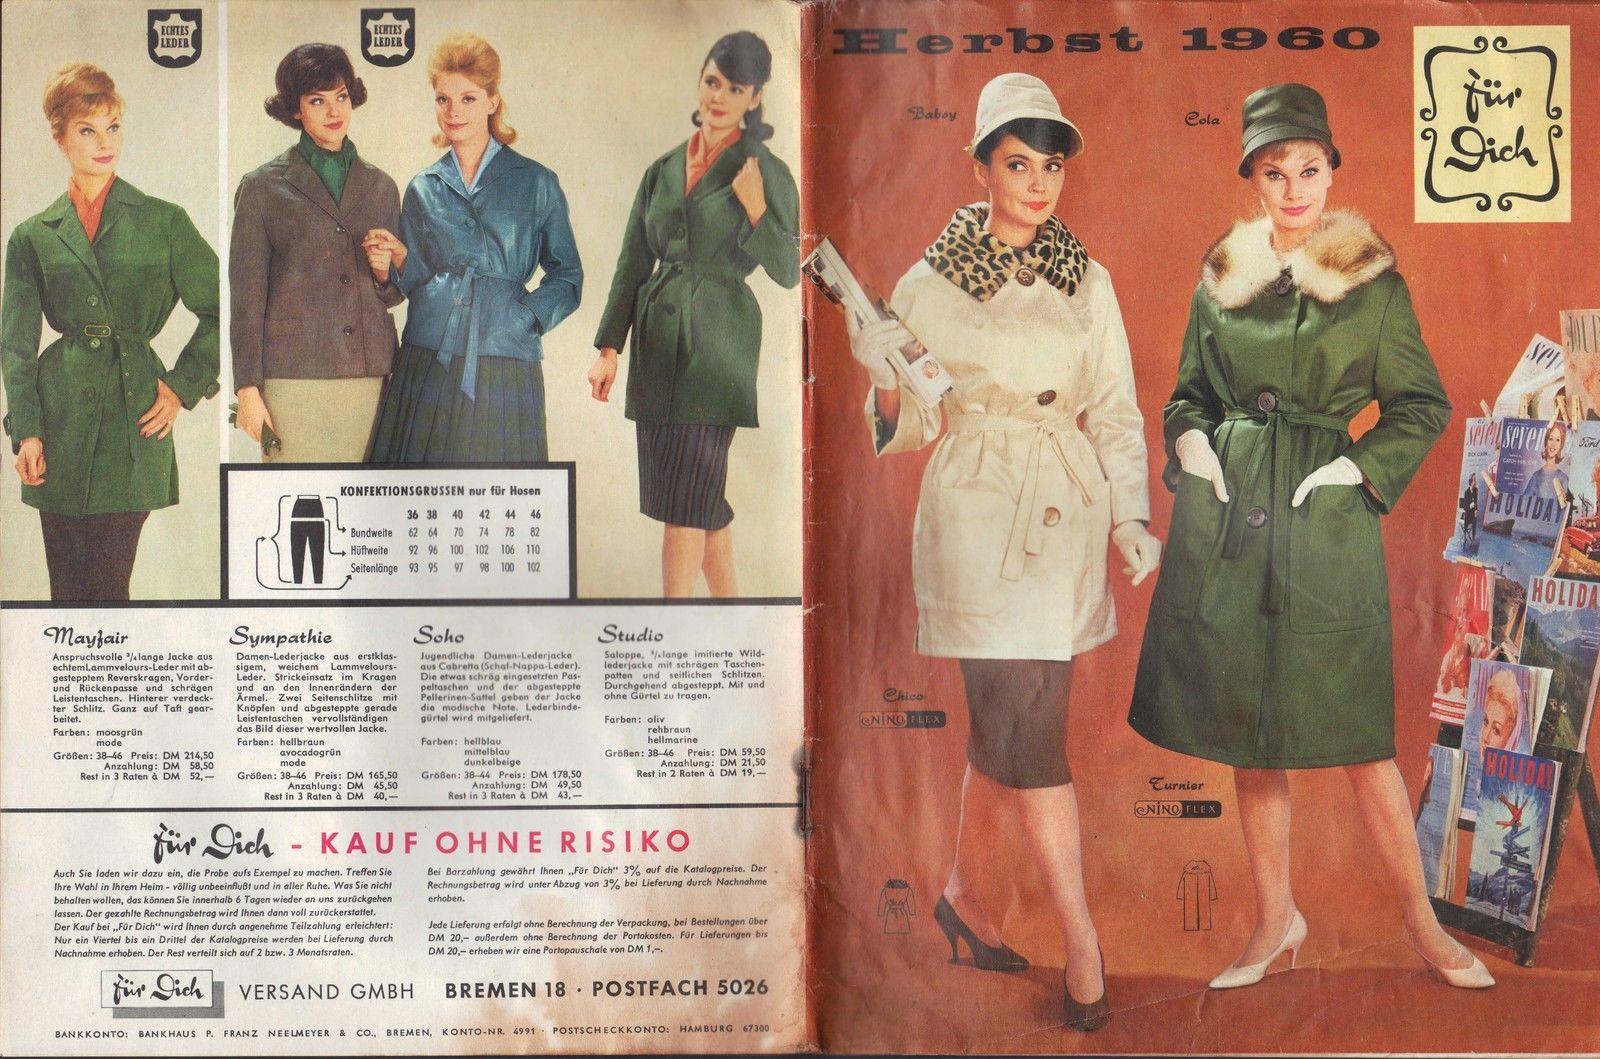 BREMEN 18, Katalog 1960, Für Dich Versand GmbH Damen-Mode Kleidung ...